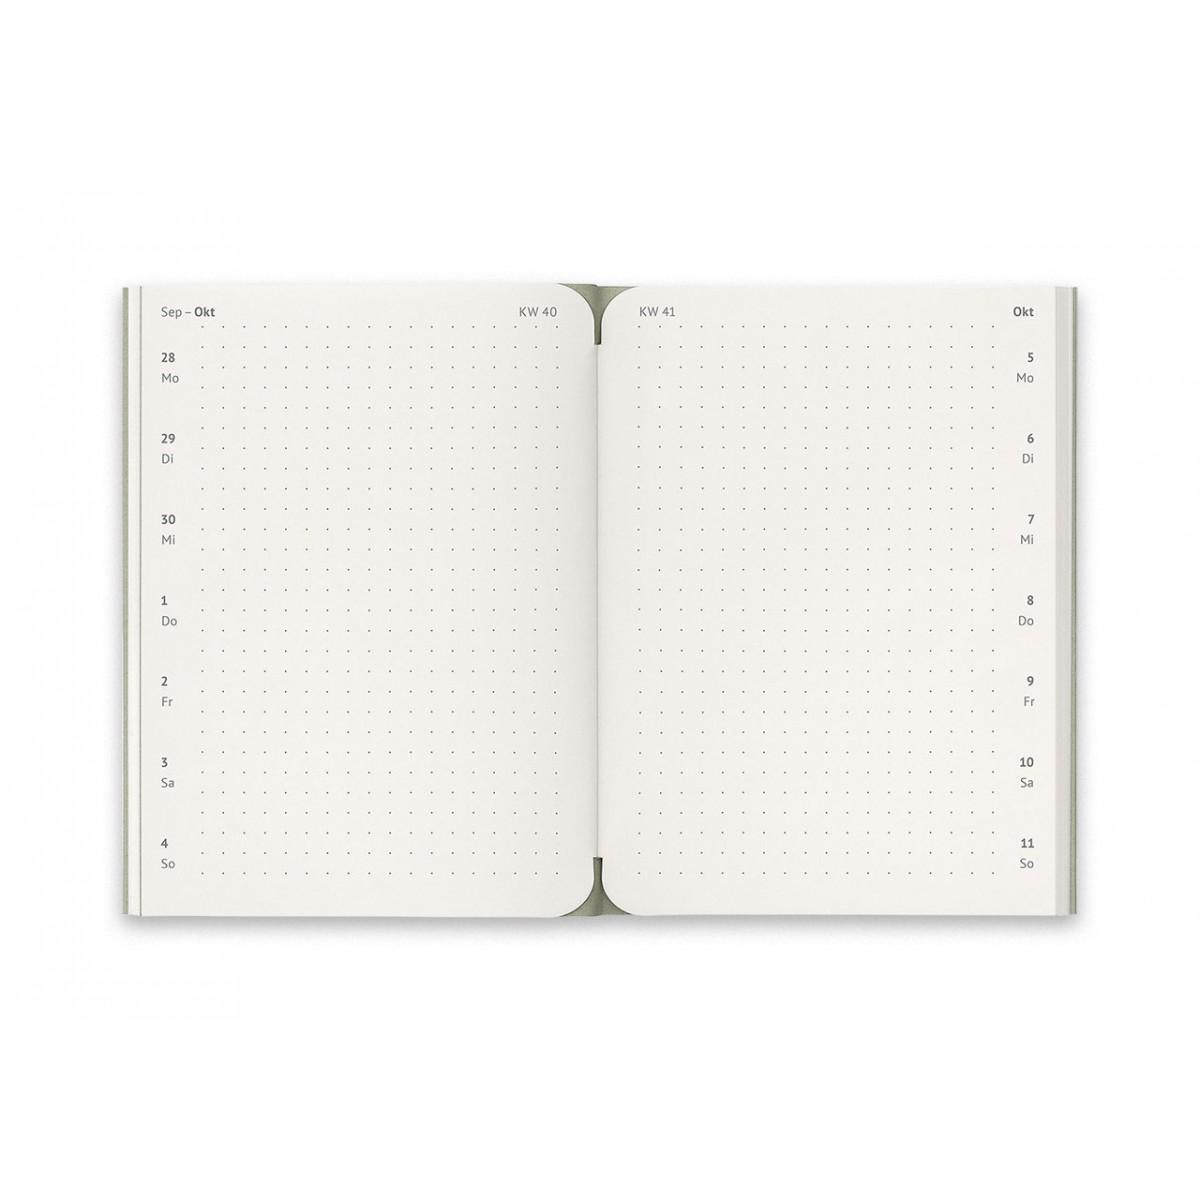 reinheft Notizkalender und Wochenplaner 2021 Größe M